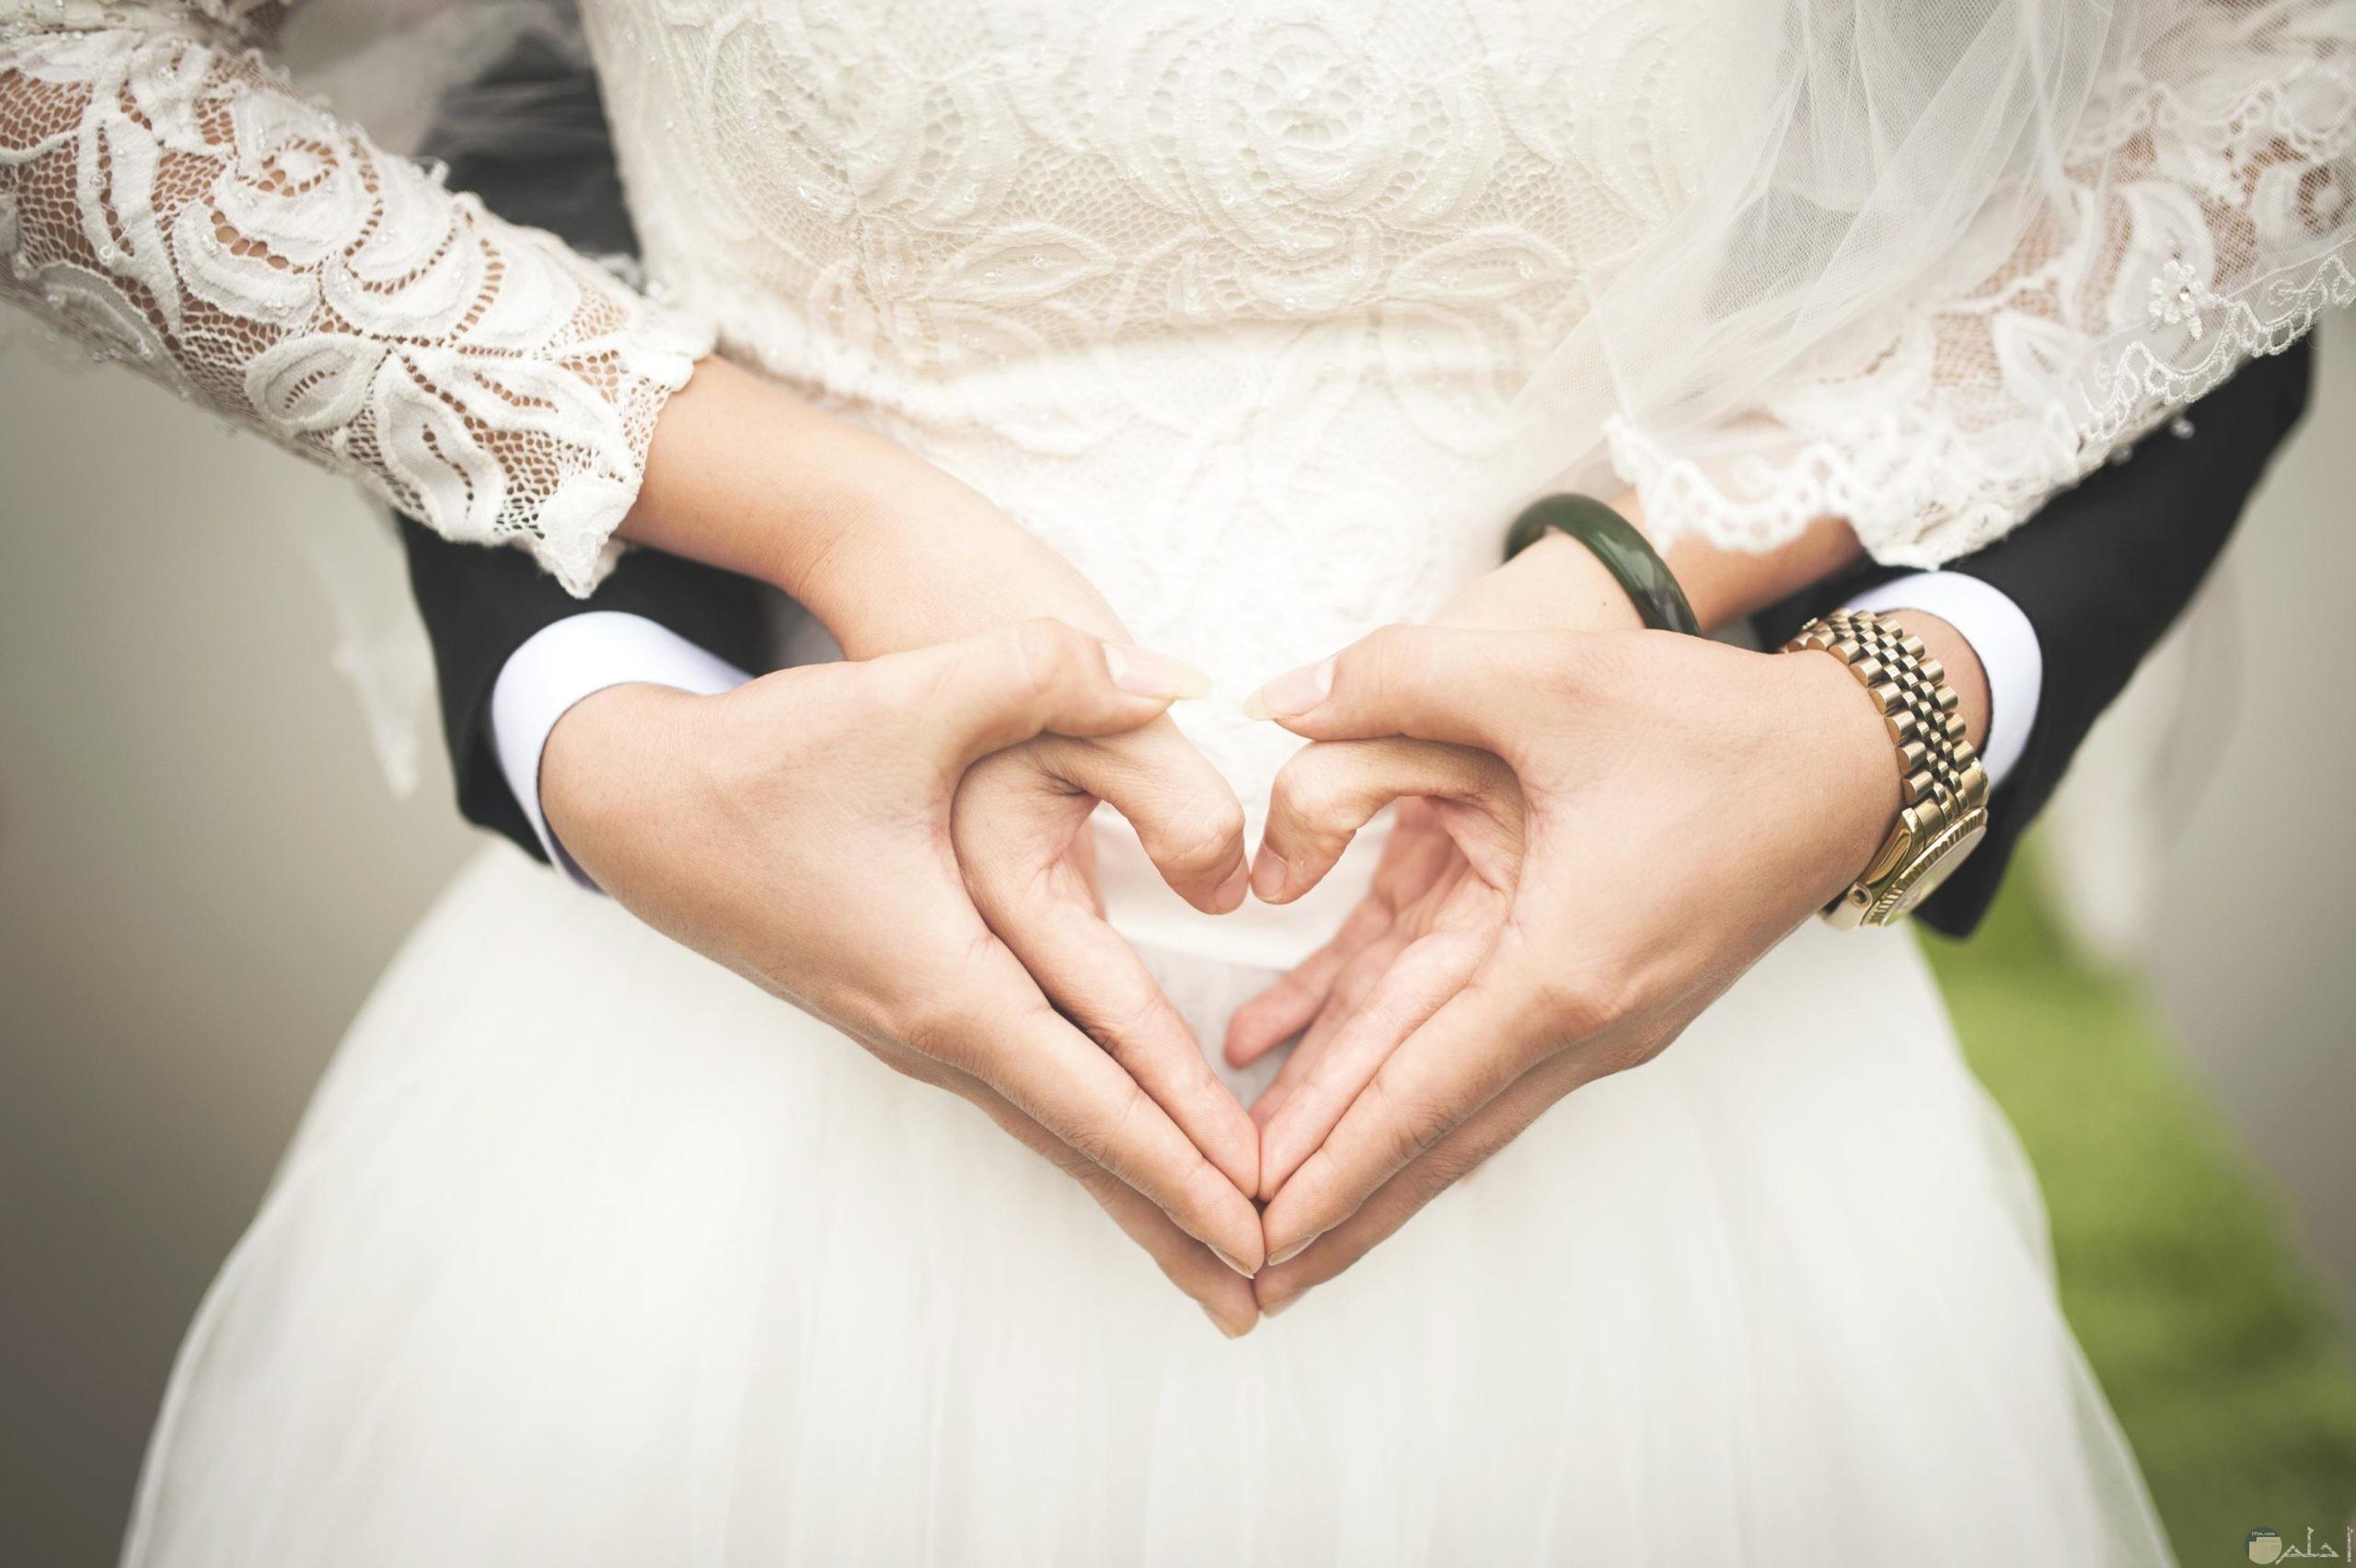 رومانسية عاشقين تزوجا بعضهما.